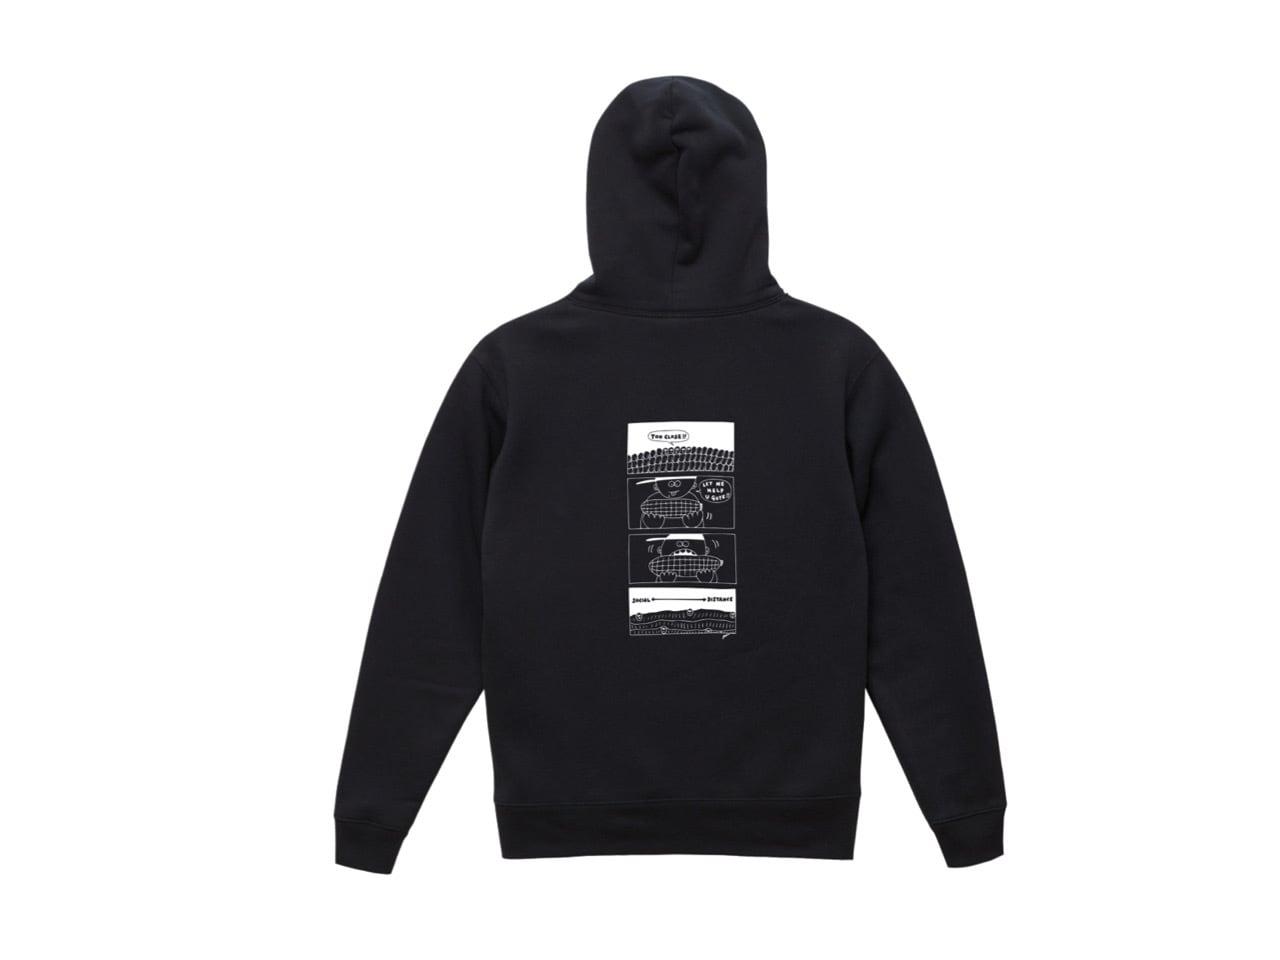 SHI × coguchi Corn SD hoodie (BLK/WH)